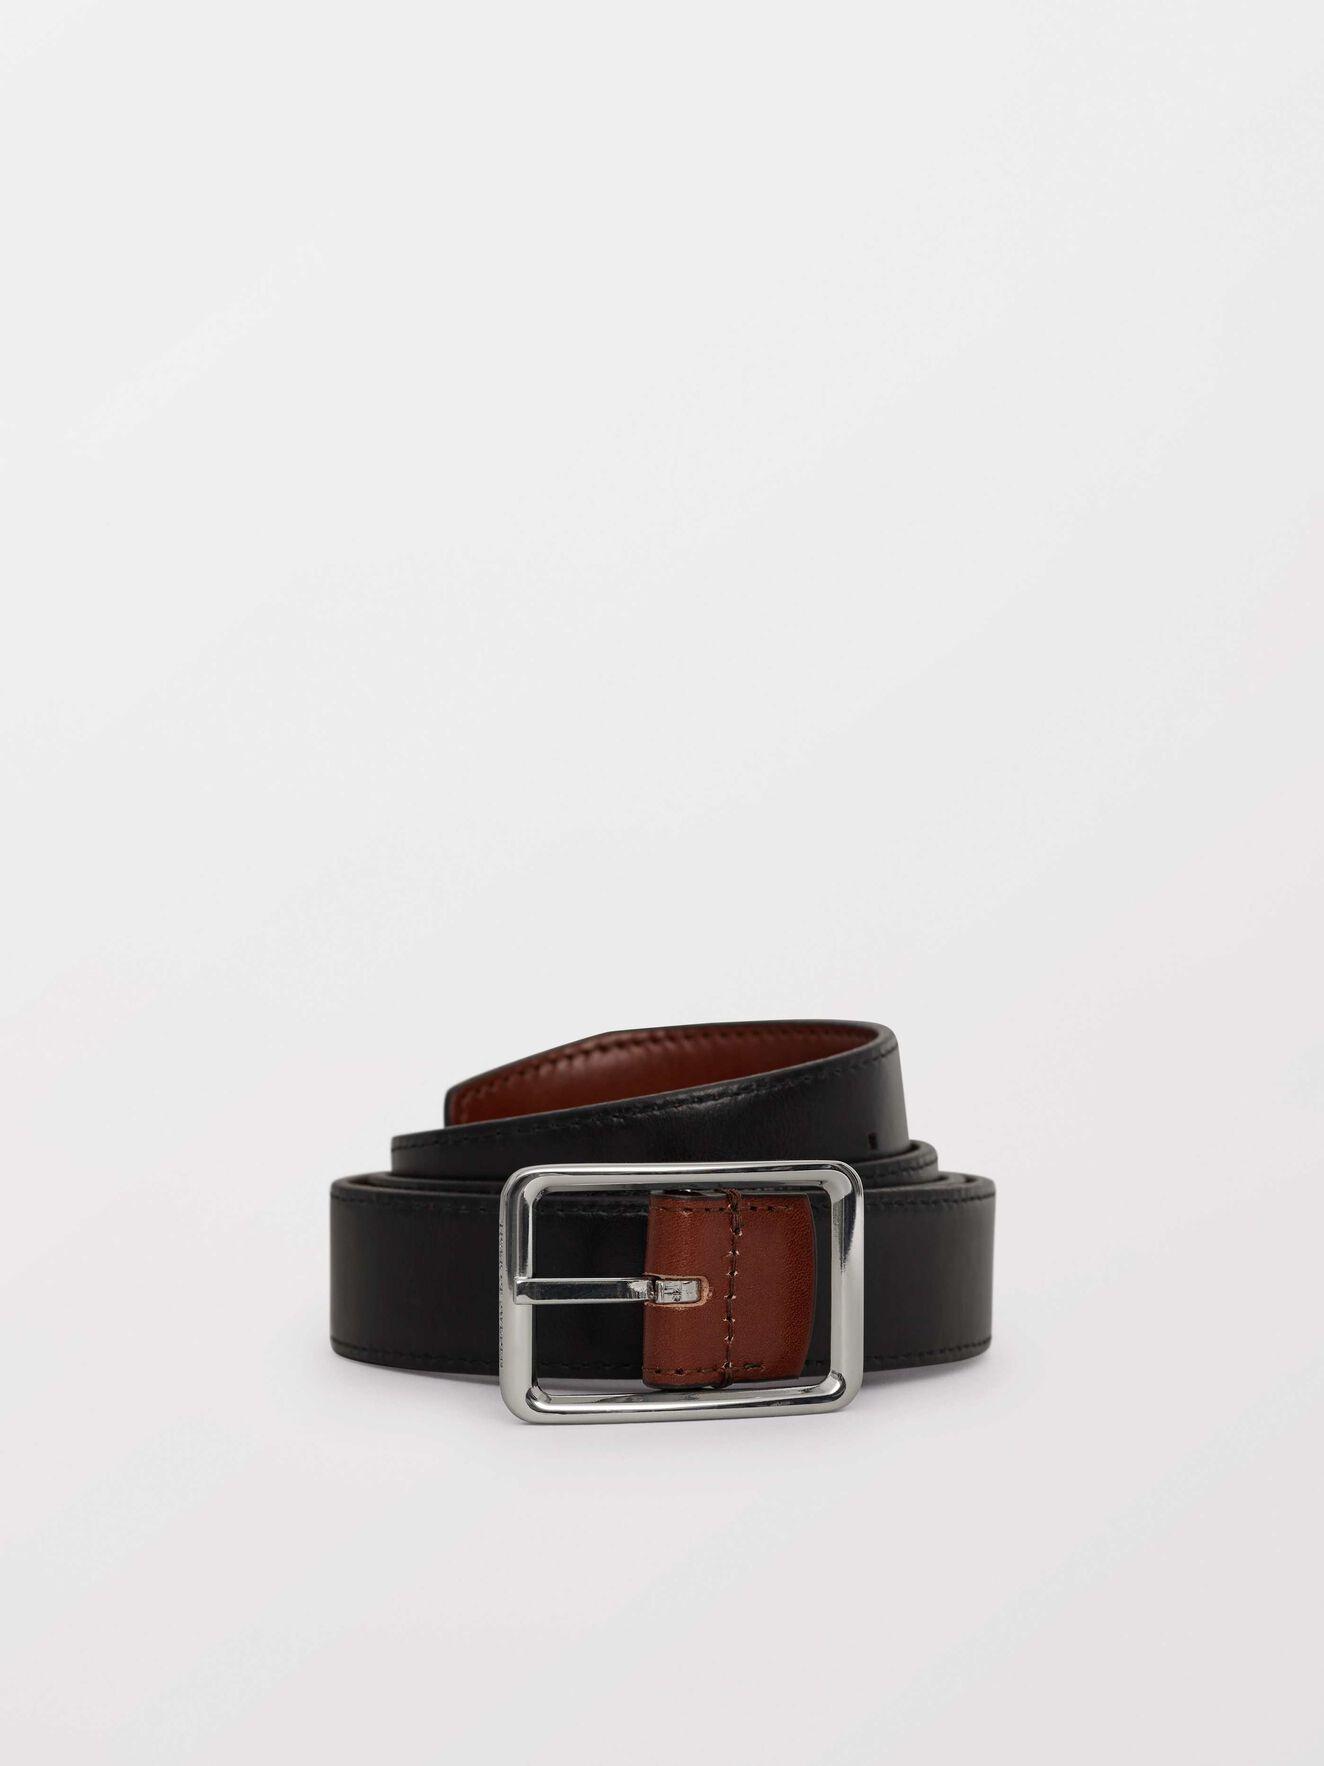 Burse R Belt in Black from Tiger of Sweden